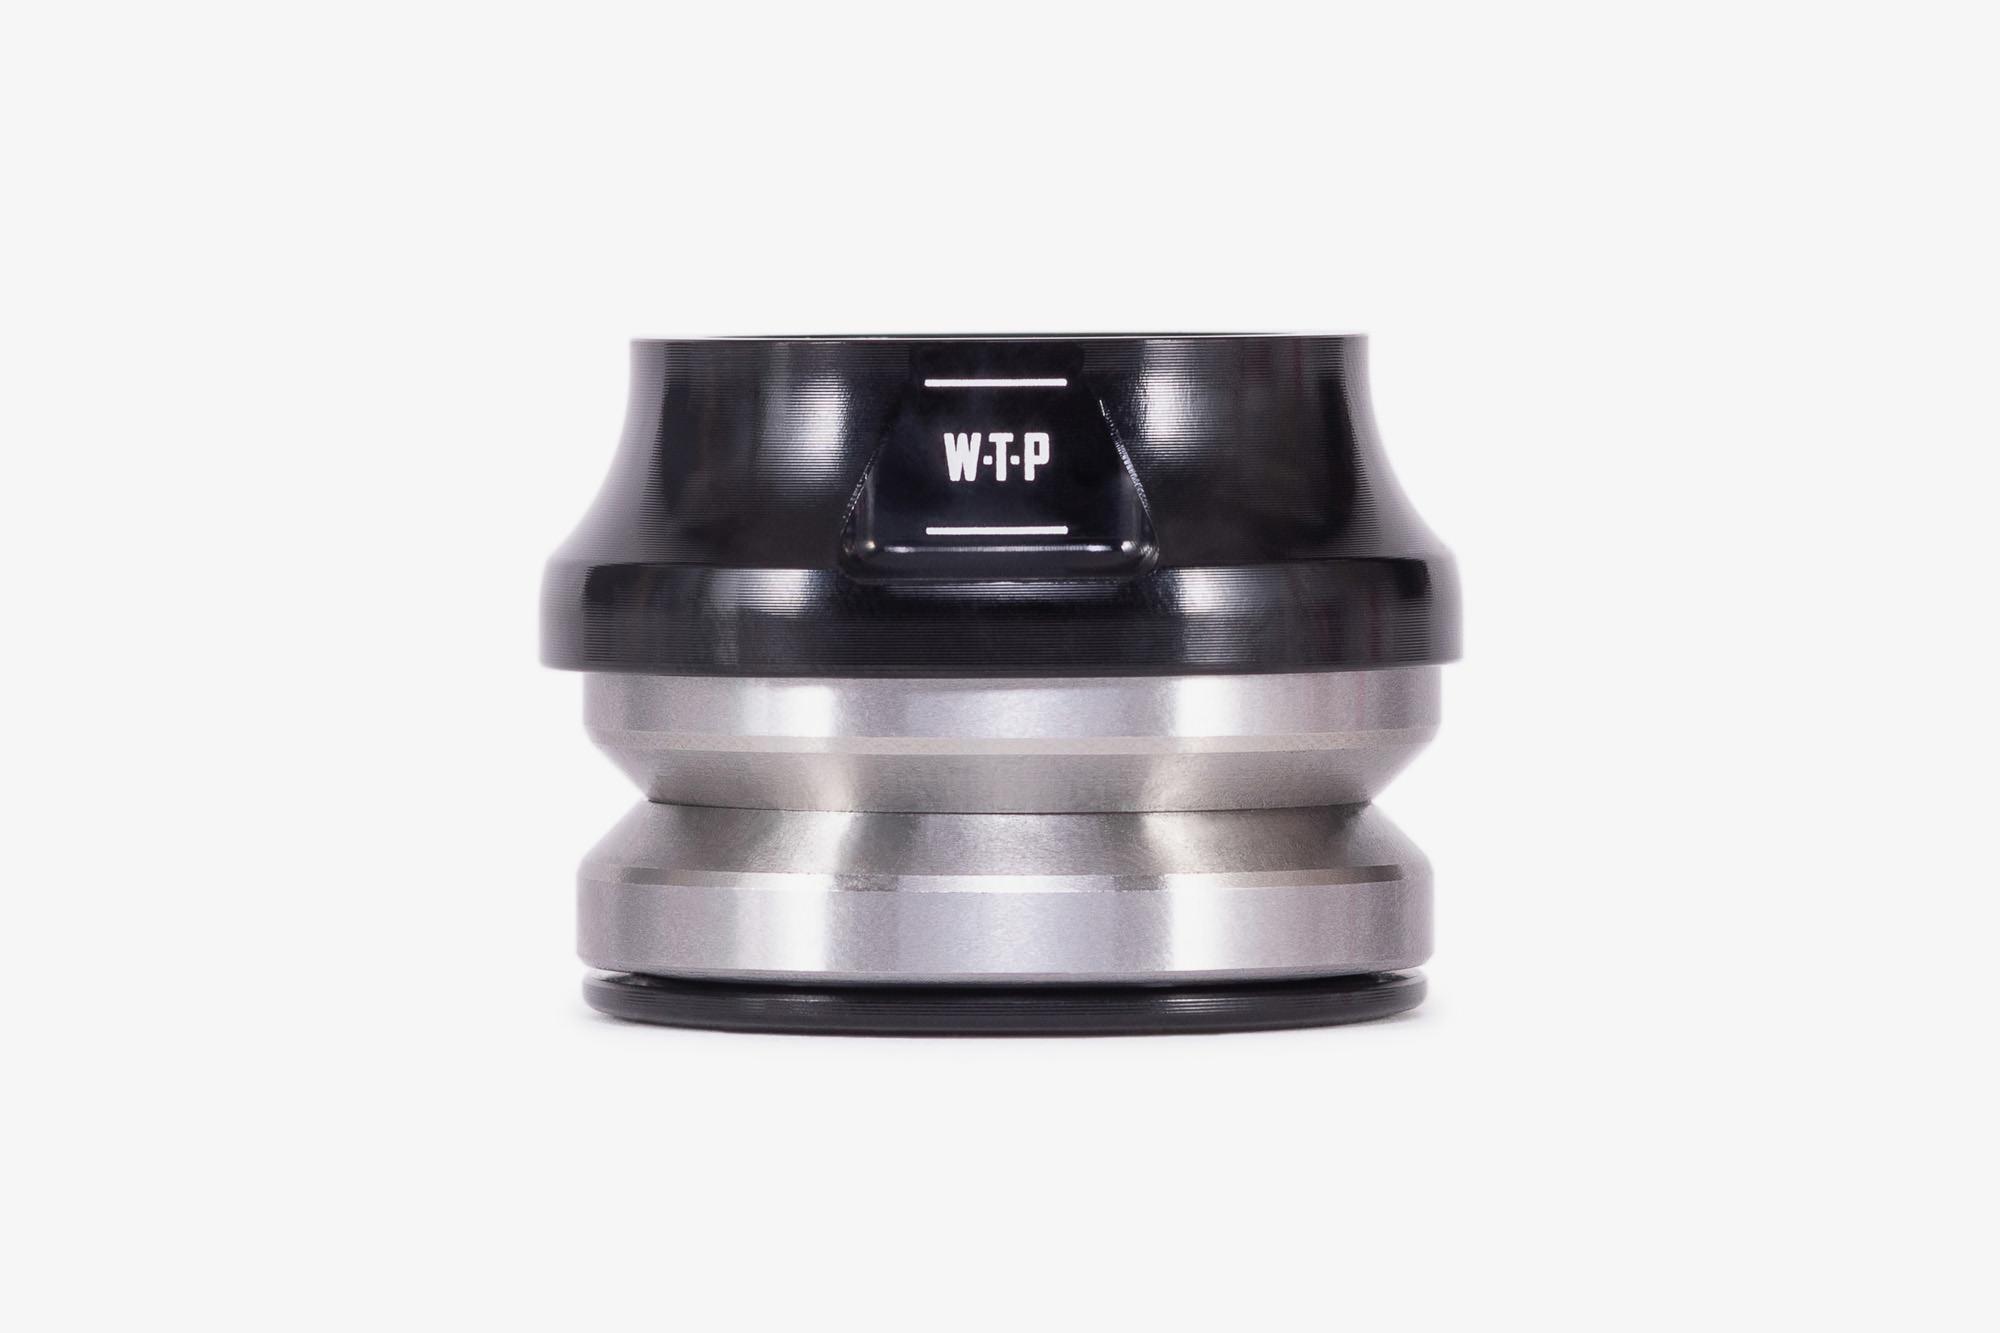 WETHEPEOPLE Compact Headset